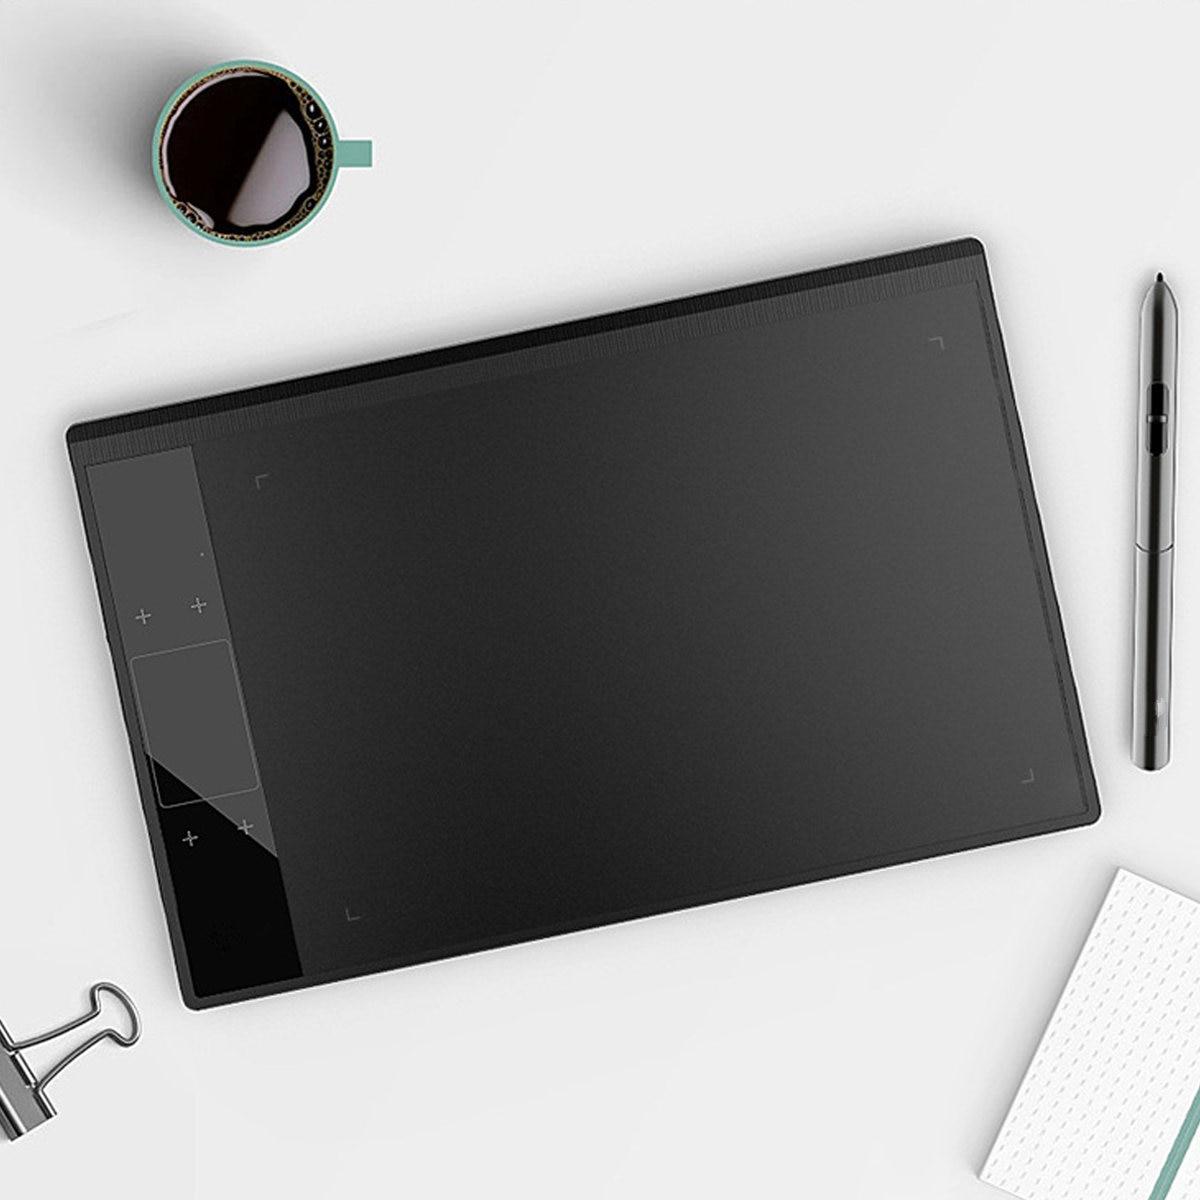 Tablette de dessin graphique A30 pour illustrateur 10x6 pouces grande zone Active bloc de dessin numérique avec stylo passif 8192 niveaux - 5